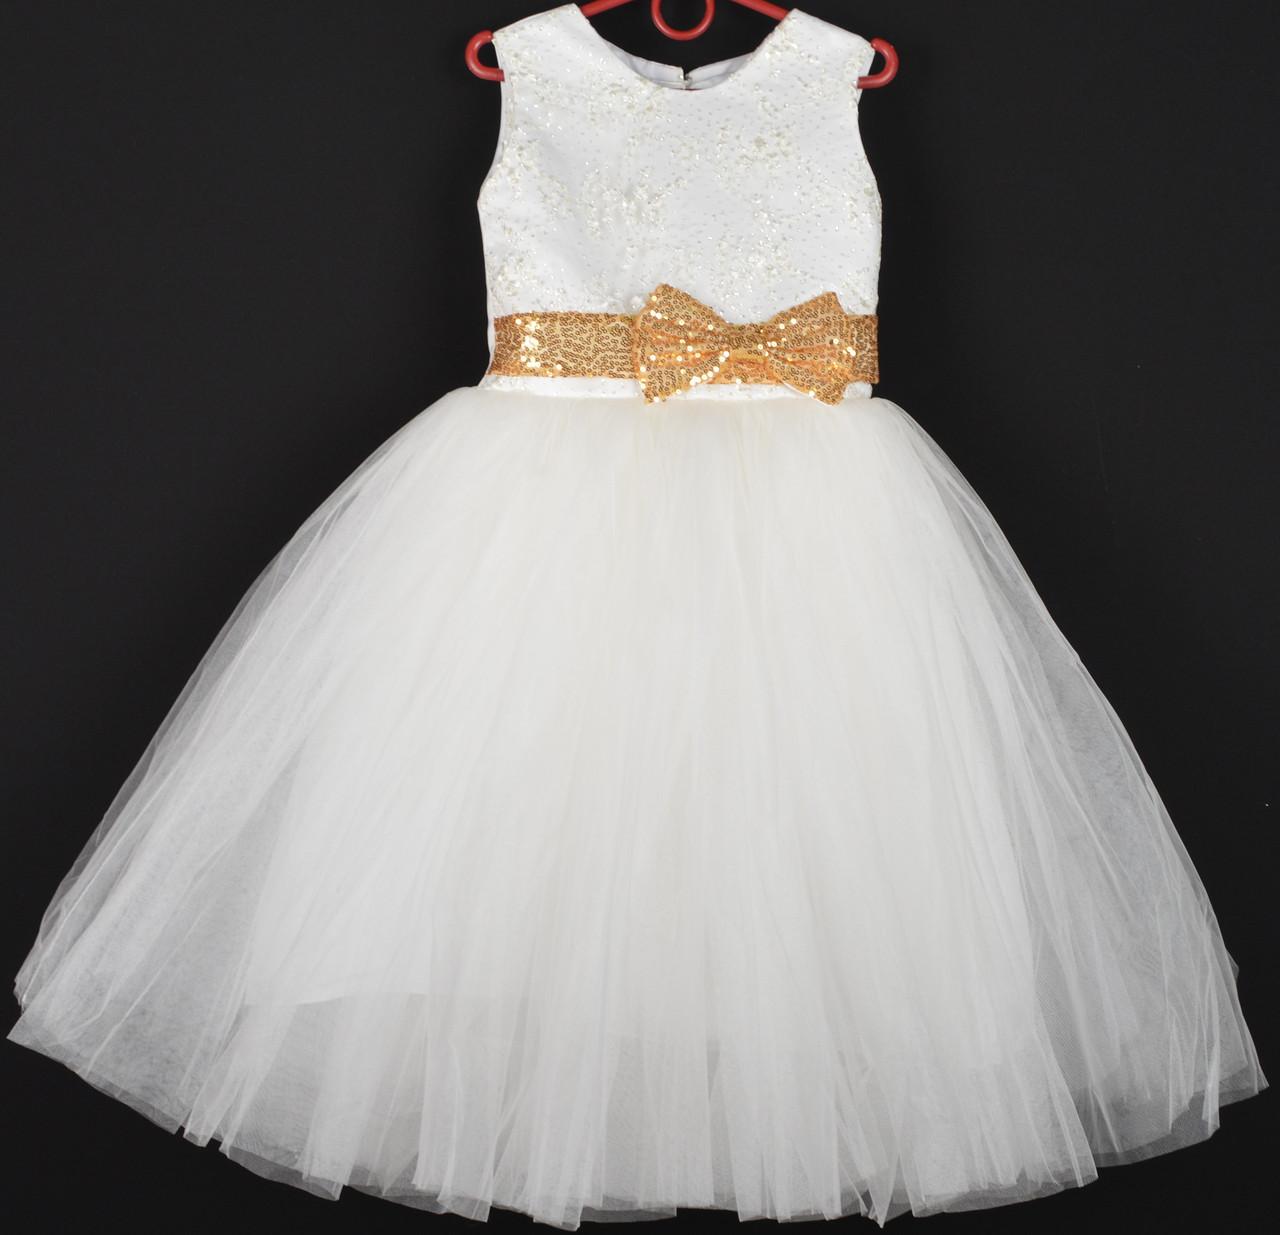 """Платье нарядное детское """"Венера"""" с золотыми бантами впереди и сзади 5-6 лет. Молочное. Оптом и в розницу"""